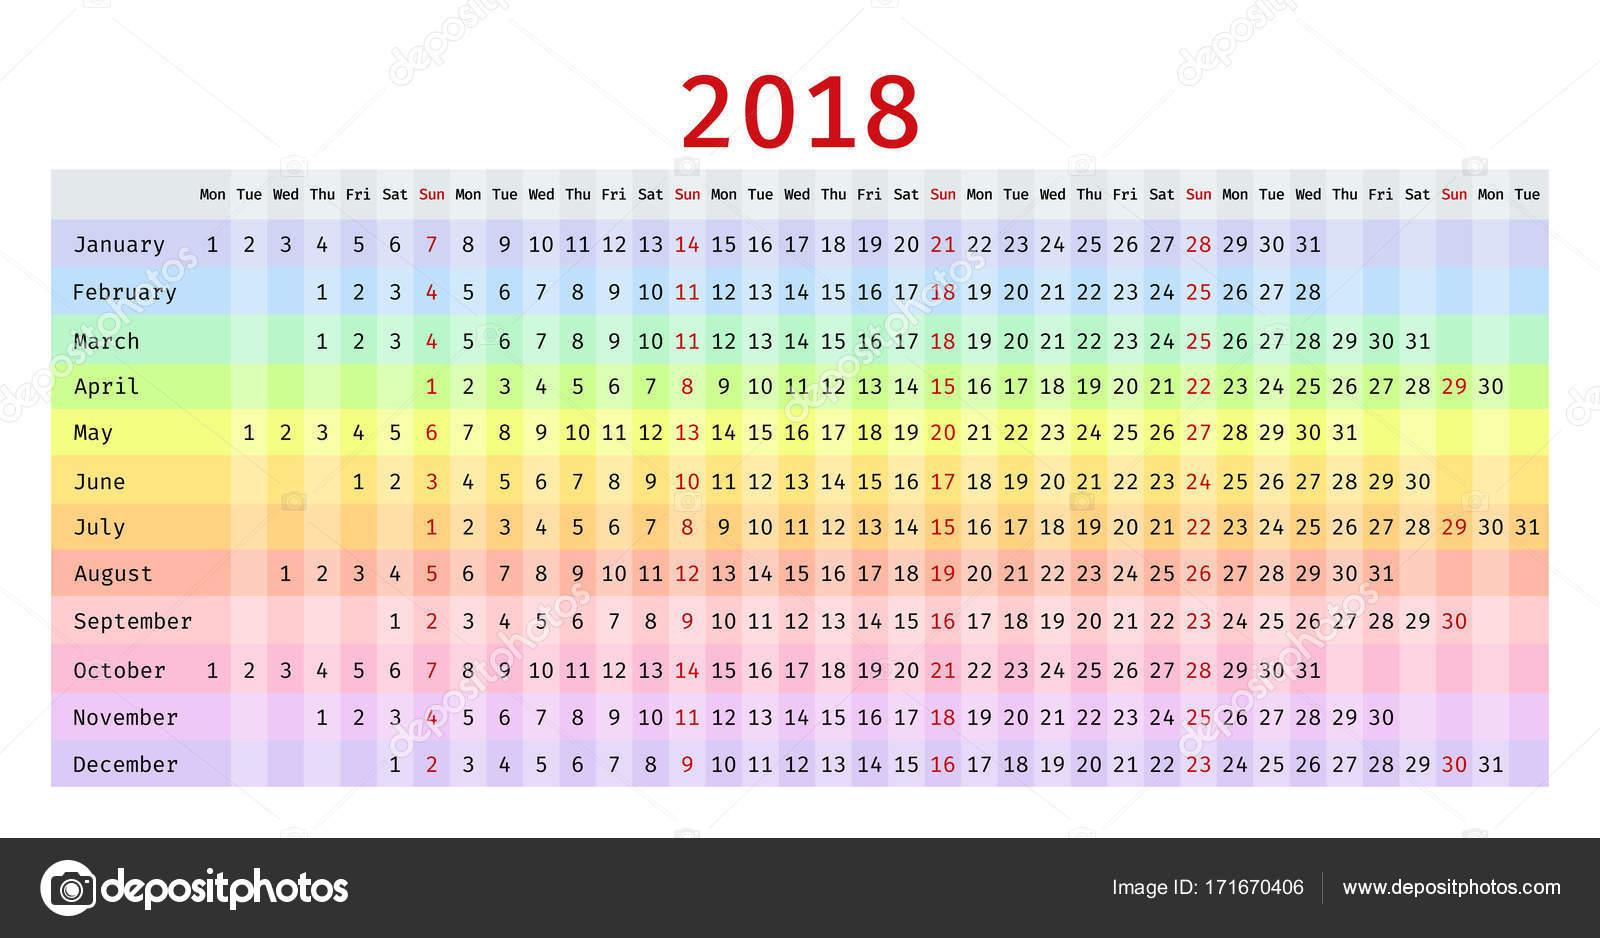 Calendario Lineal.Calendario Lineal De 2018 Planificador De Plantilla De